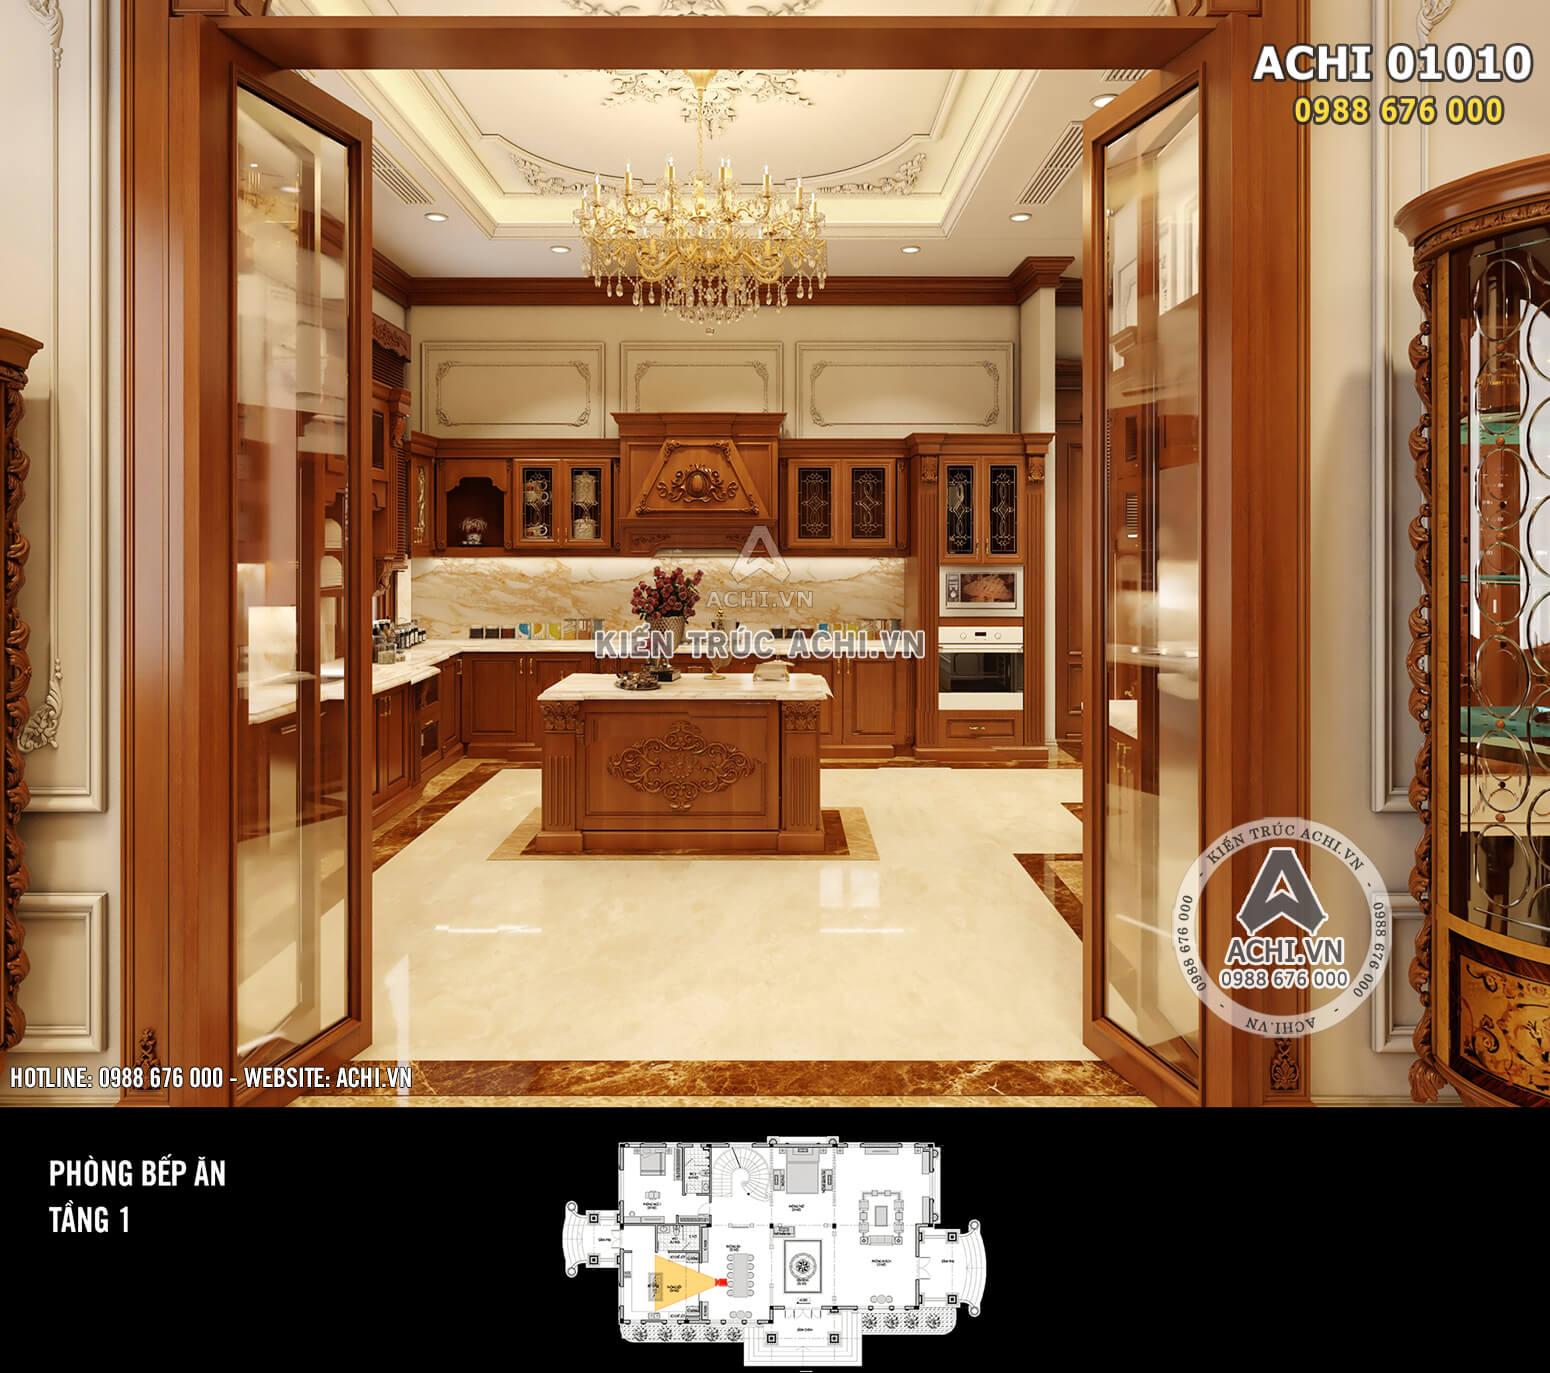 Hình ảnh: Thiết kế nội thất tân cổ điển - Phòng bếp - 03